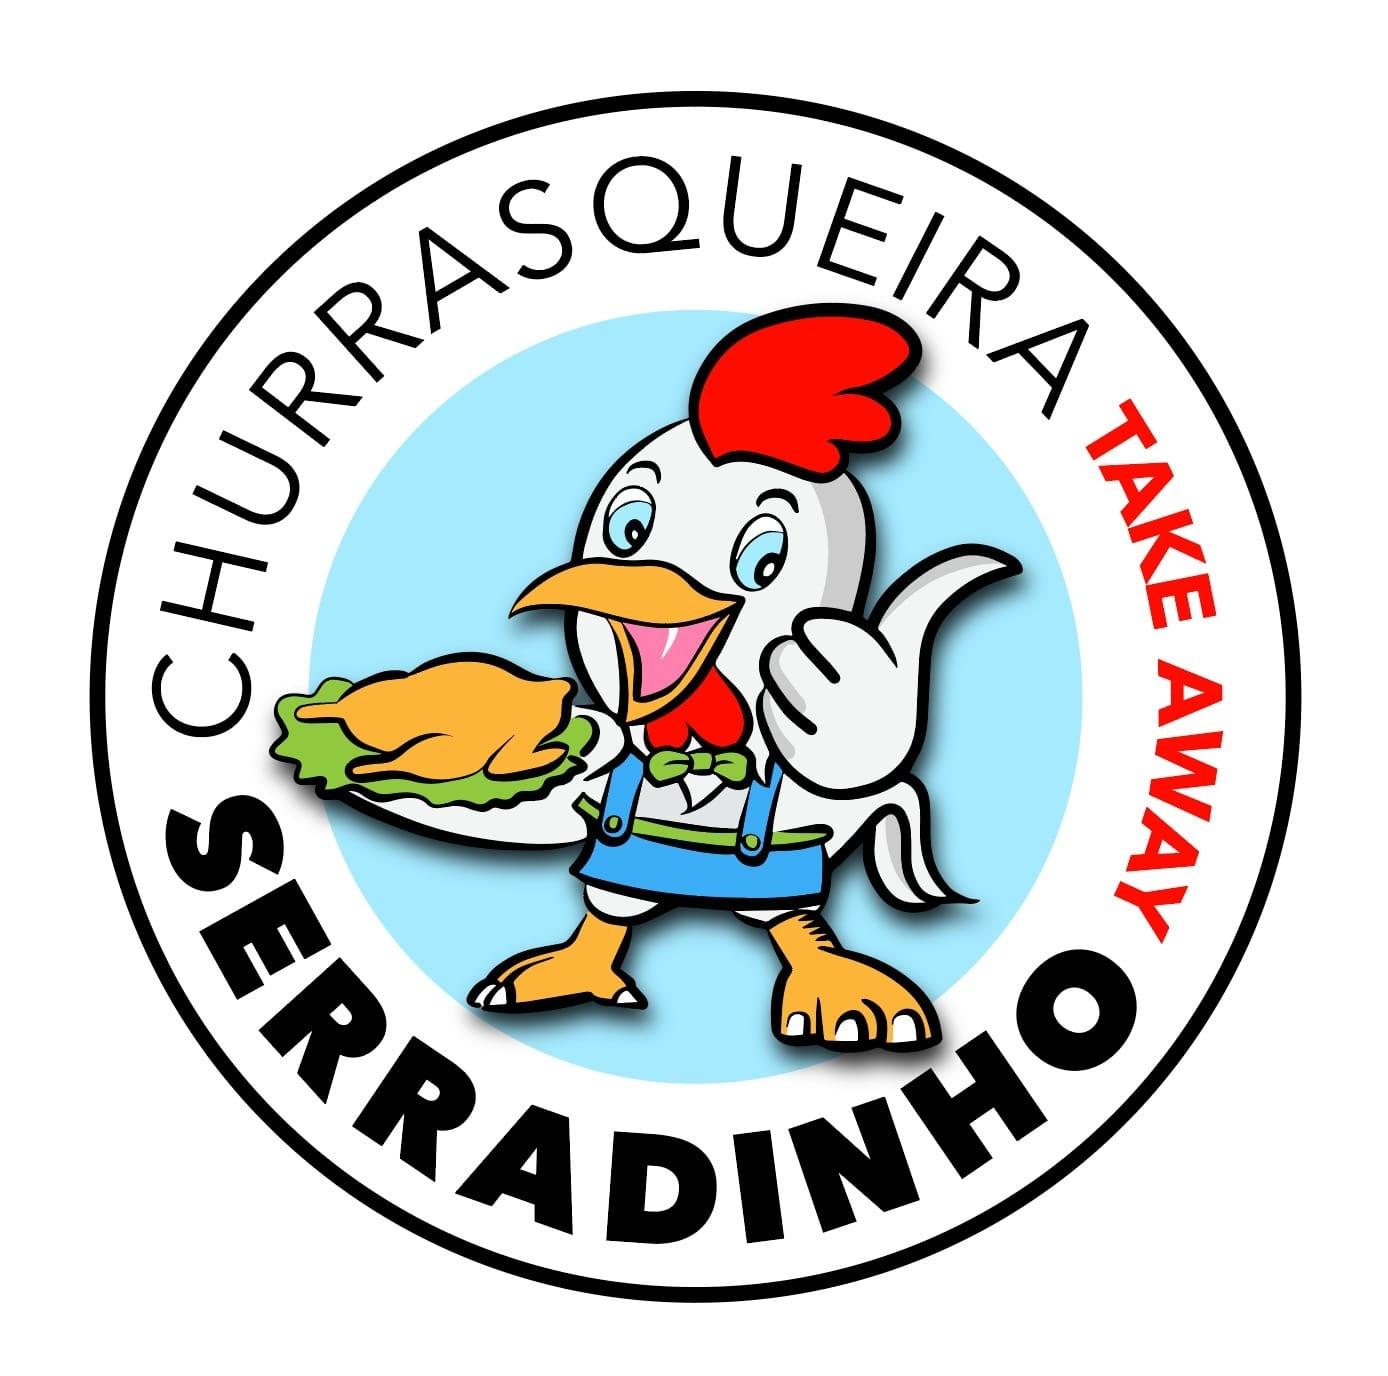 Churrasqueira Serradinho